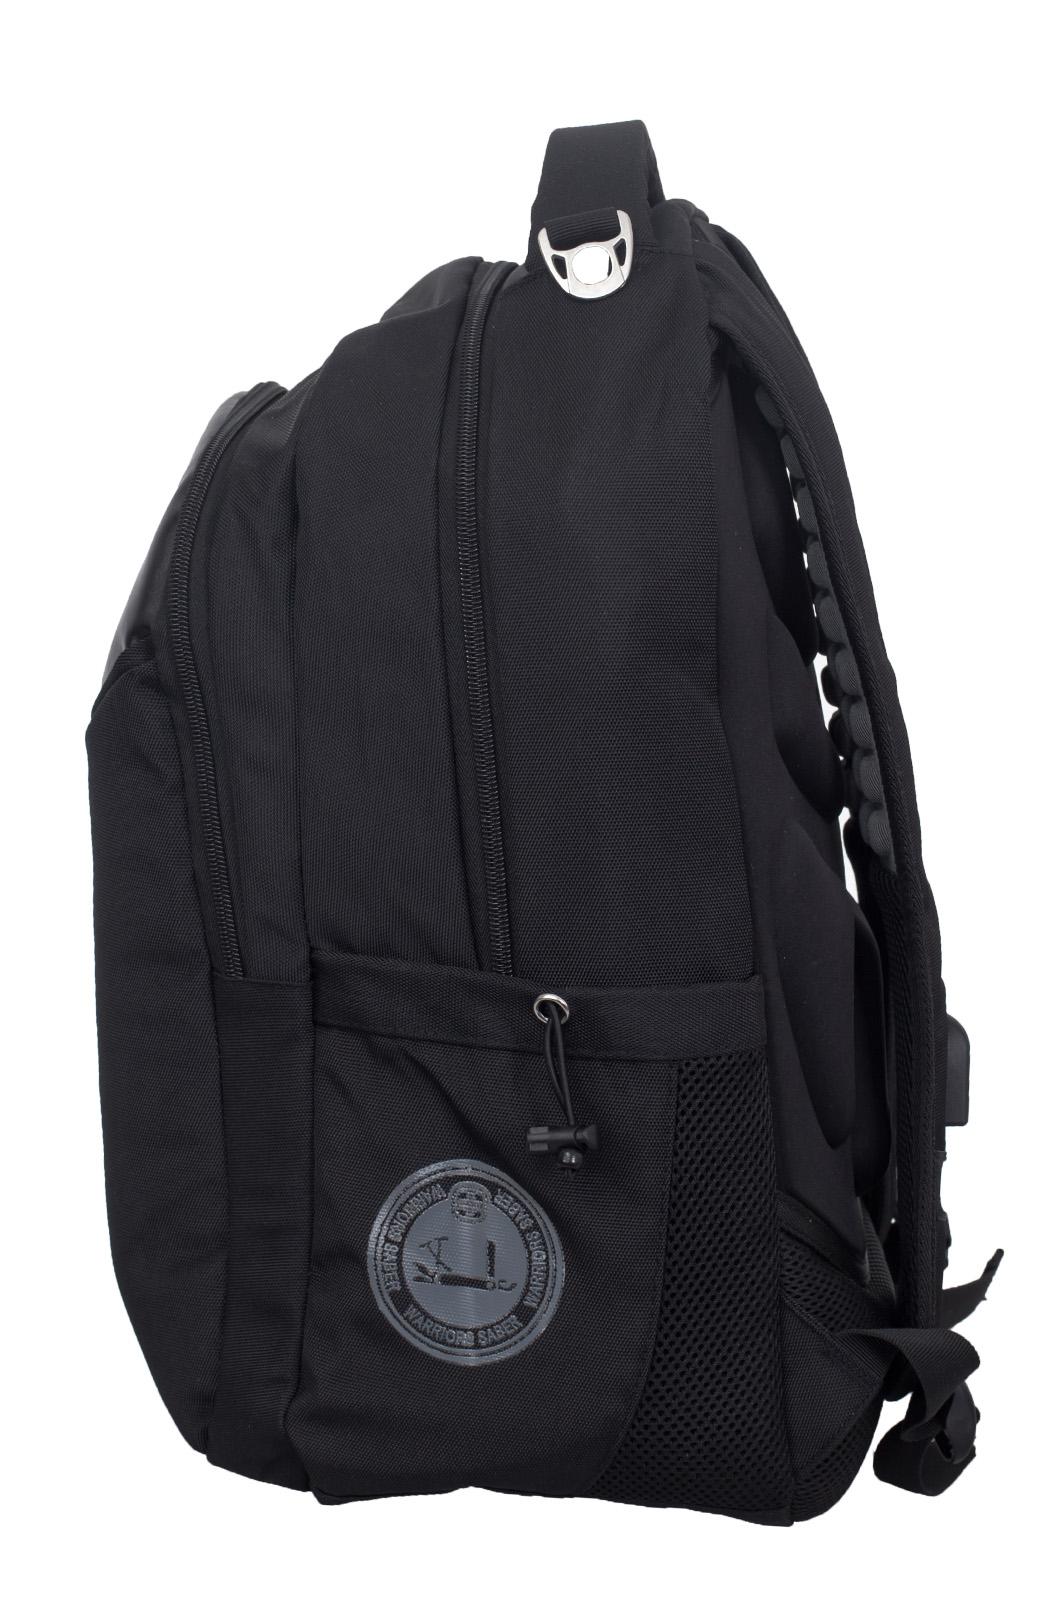 Удобный черный рюкзак с военной нашивкой Погранслужбы - заказать онлайн